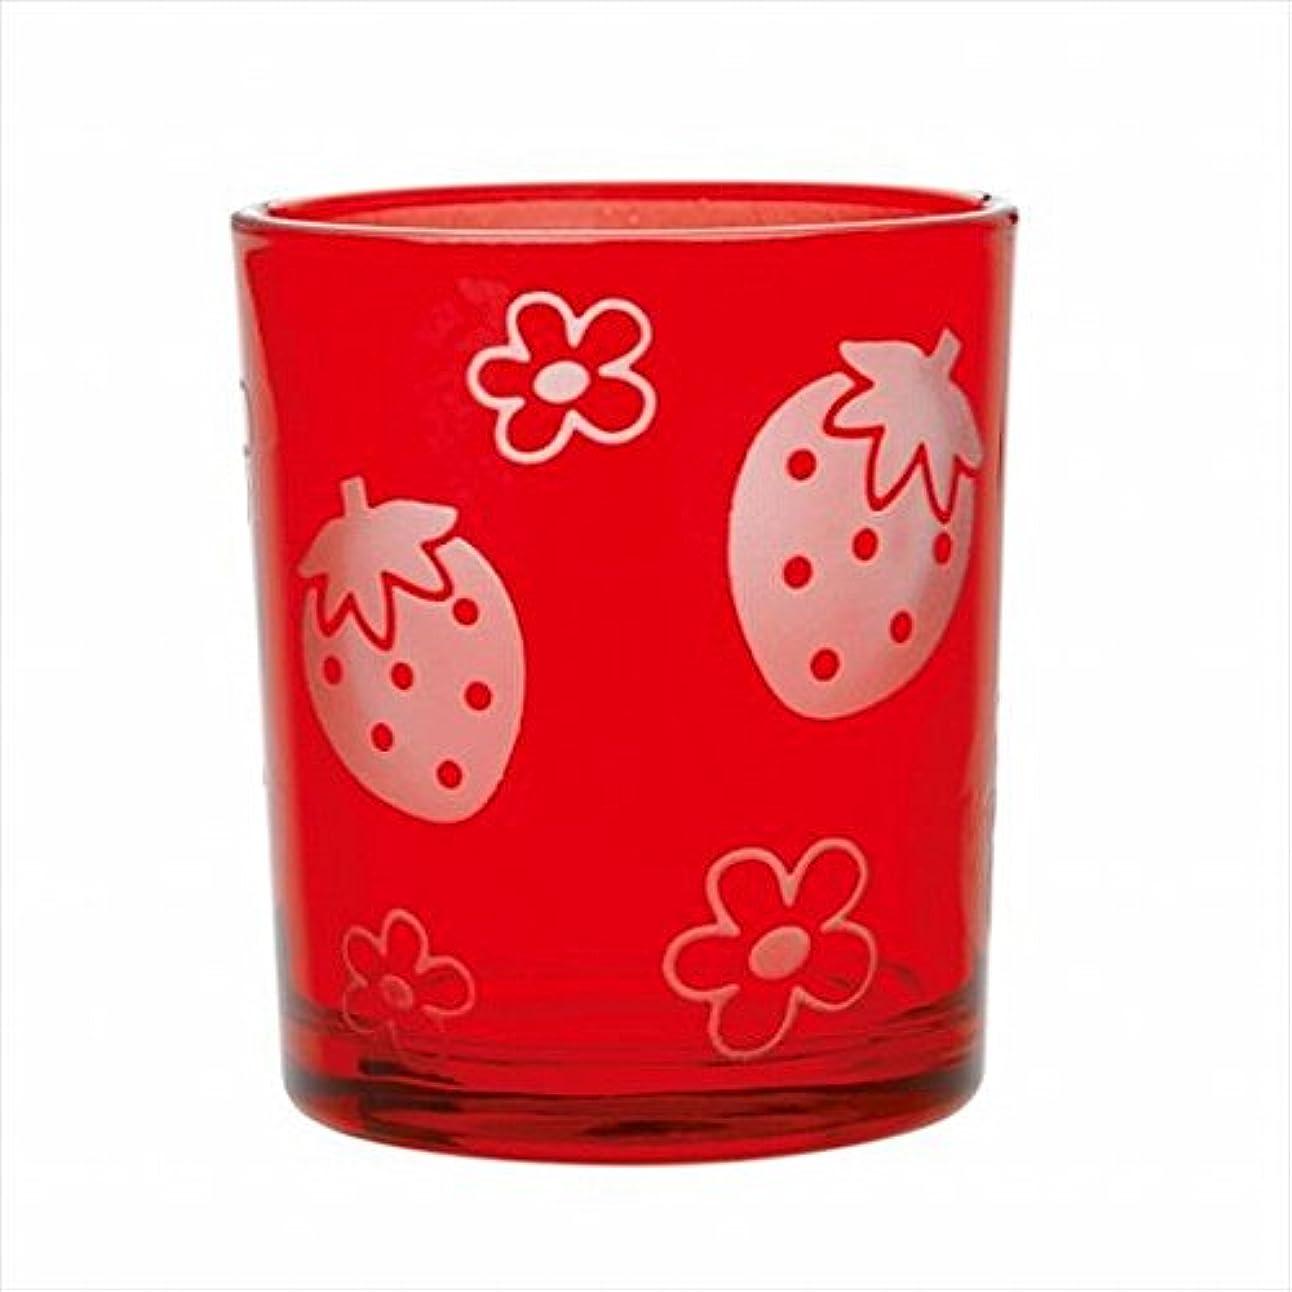 太陽ショルダークラウドスイーツキャンドル(sweets candle) いちごフロストカップ 「 レッド 」